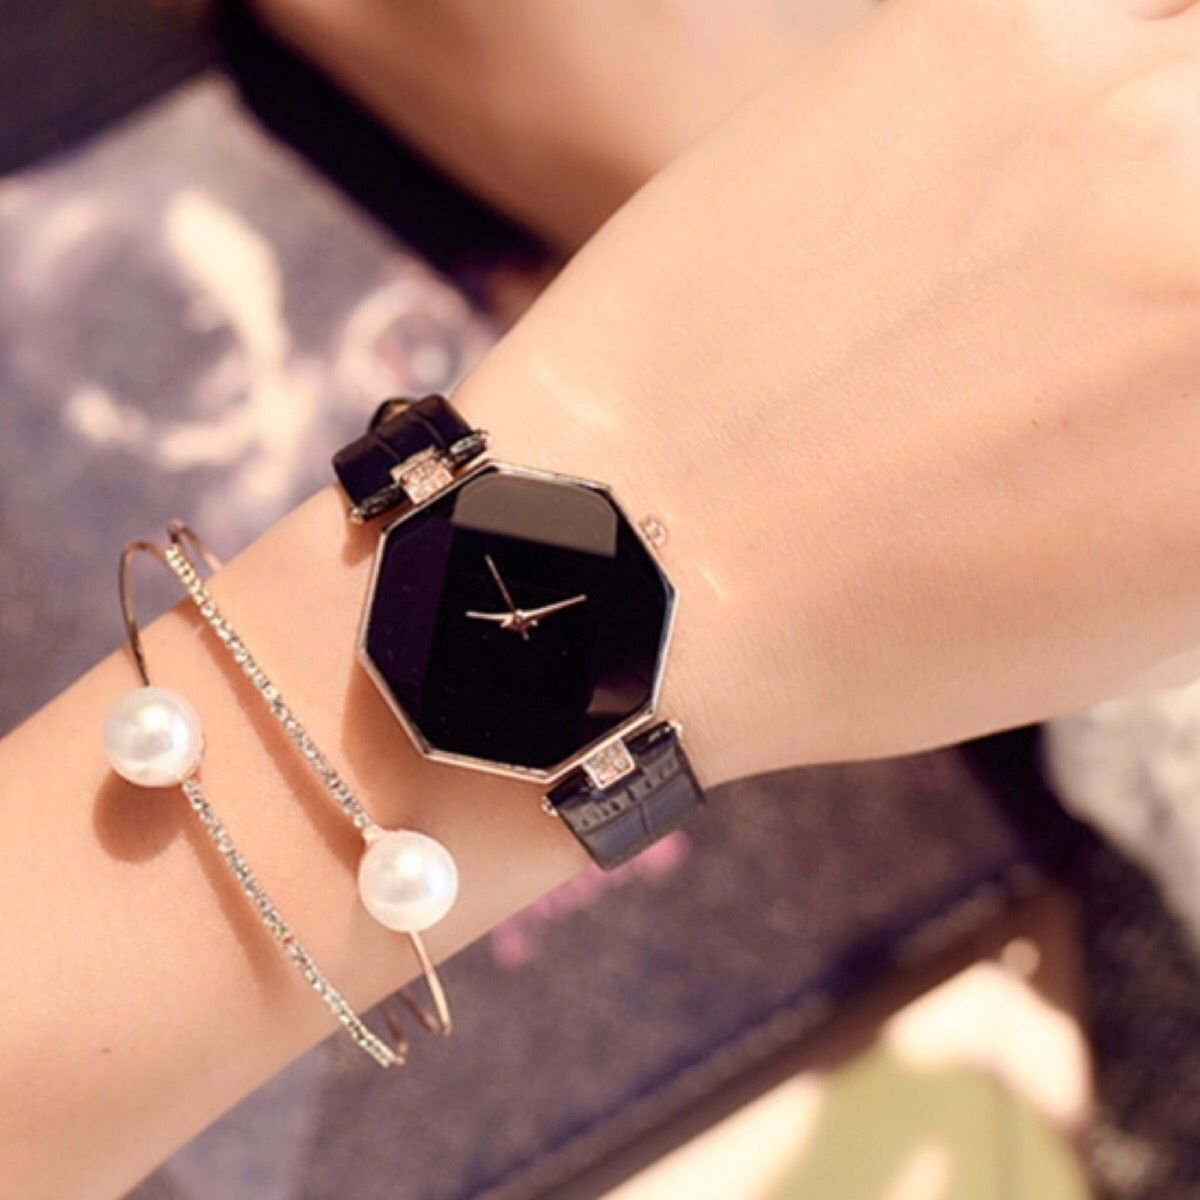 秋色 クリアウォッチ ブラック  レディースサイズ シンプル ギフト 人気 プレゼント 時計 おしゃれ 安い かわいい ブレスレット 腕時計